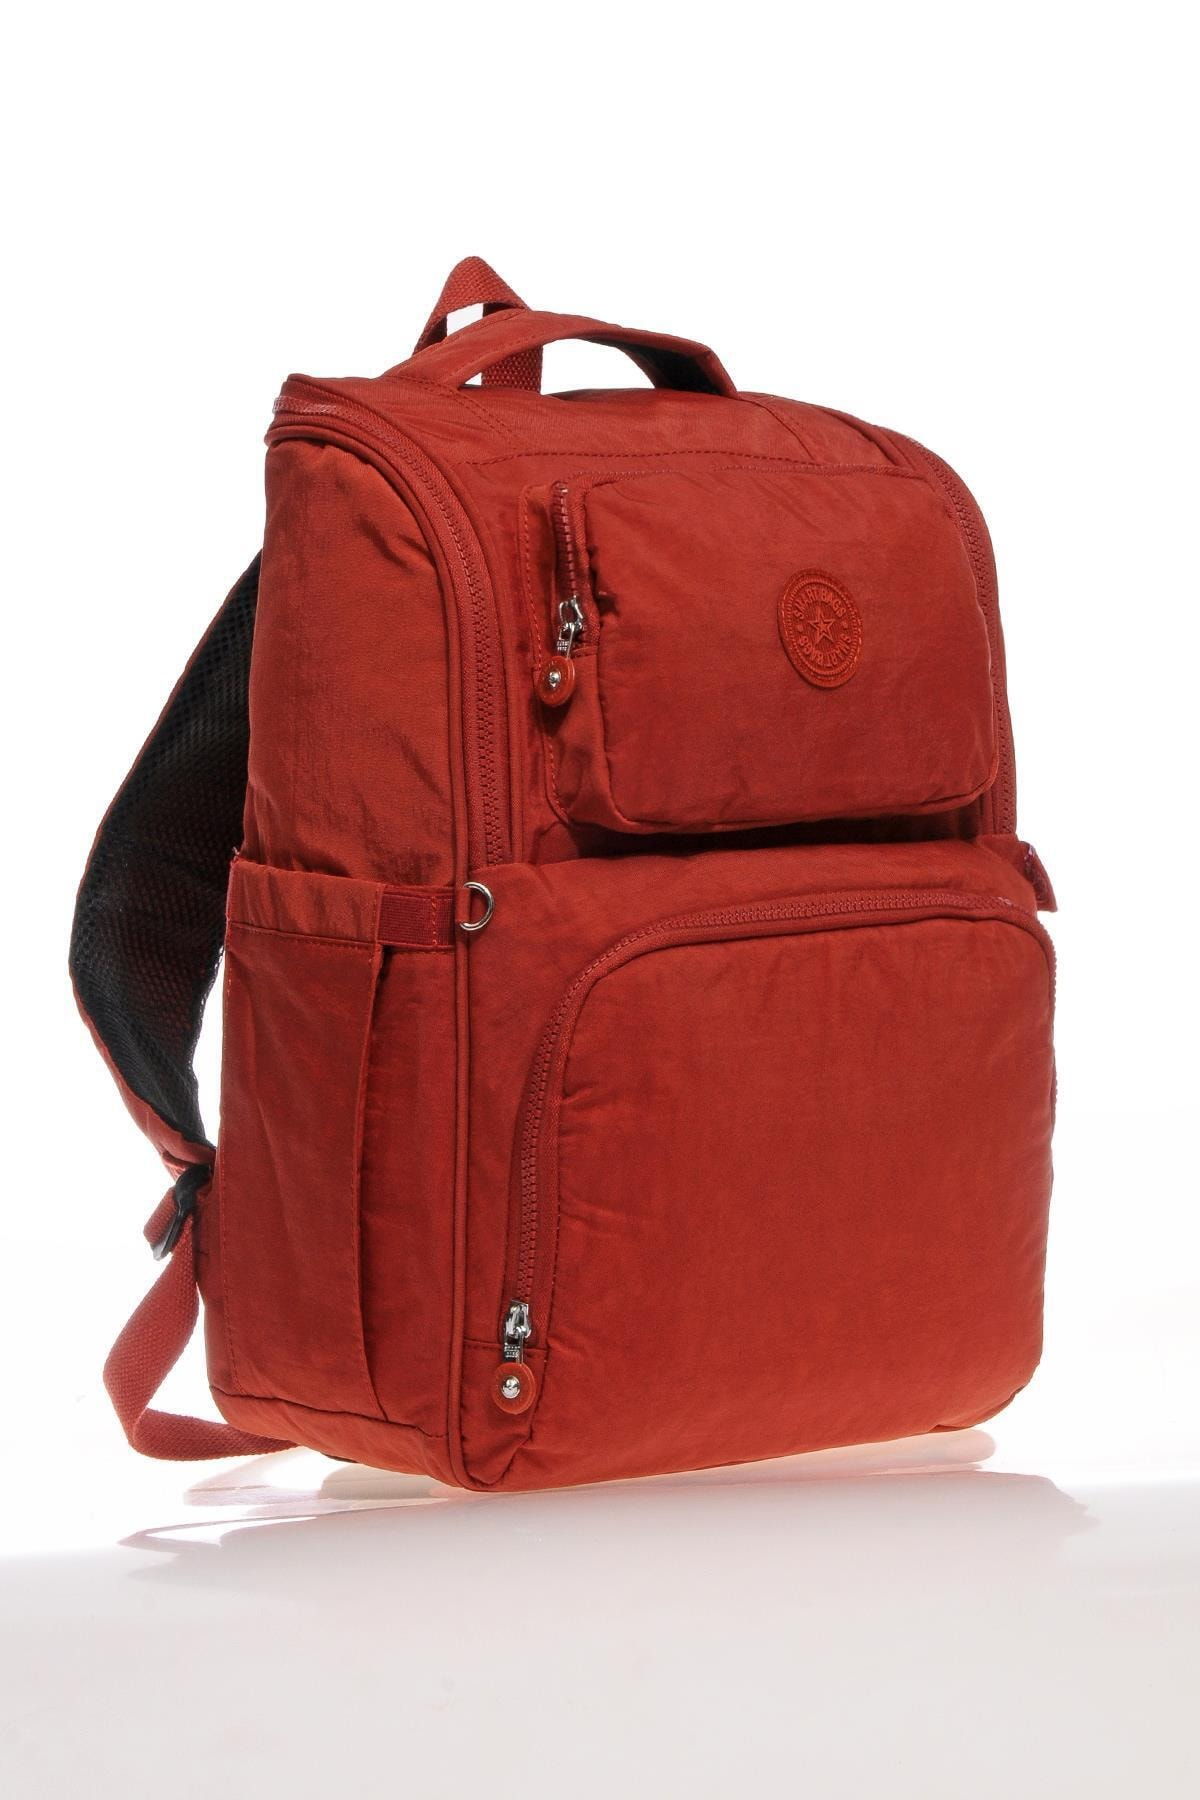 SMART BAGS Smb3000-0019 Kırmızı Kadın Bebek Bakım Sırt Çantası 1